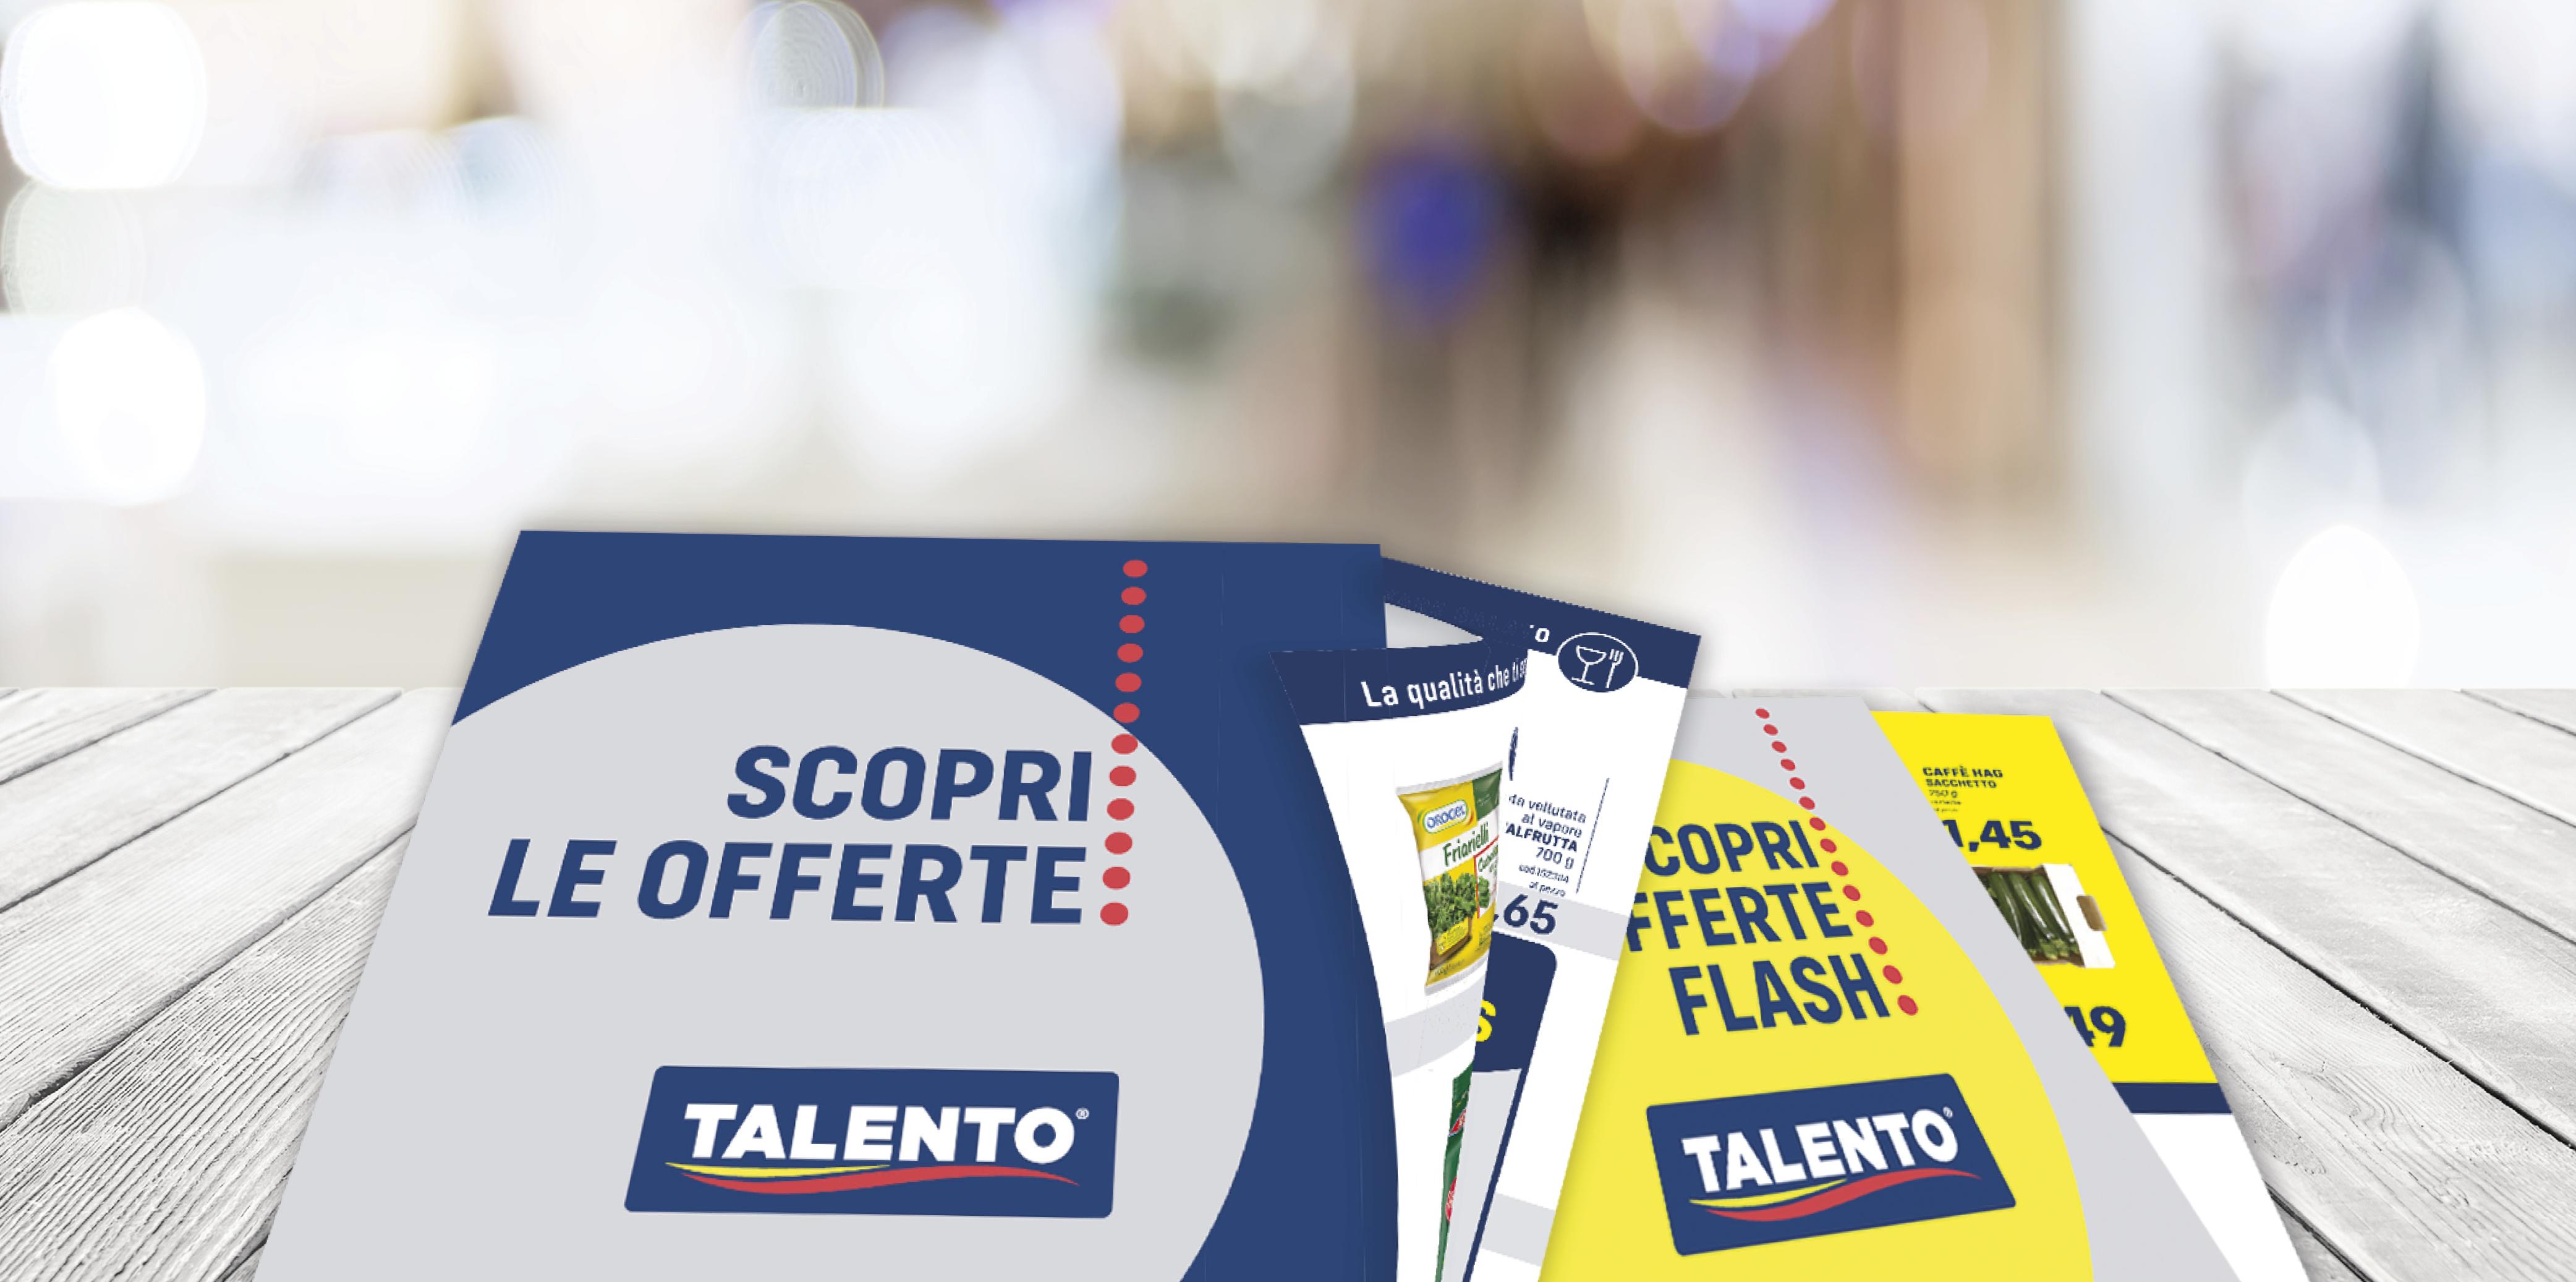 BANNER TALENTO_offerte1_v